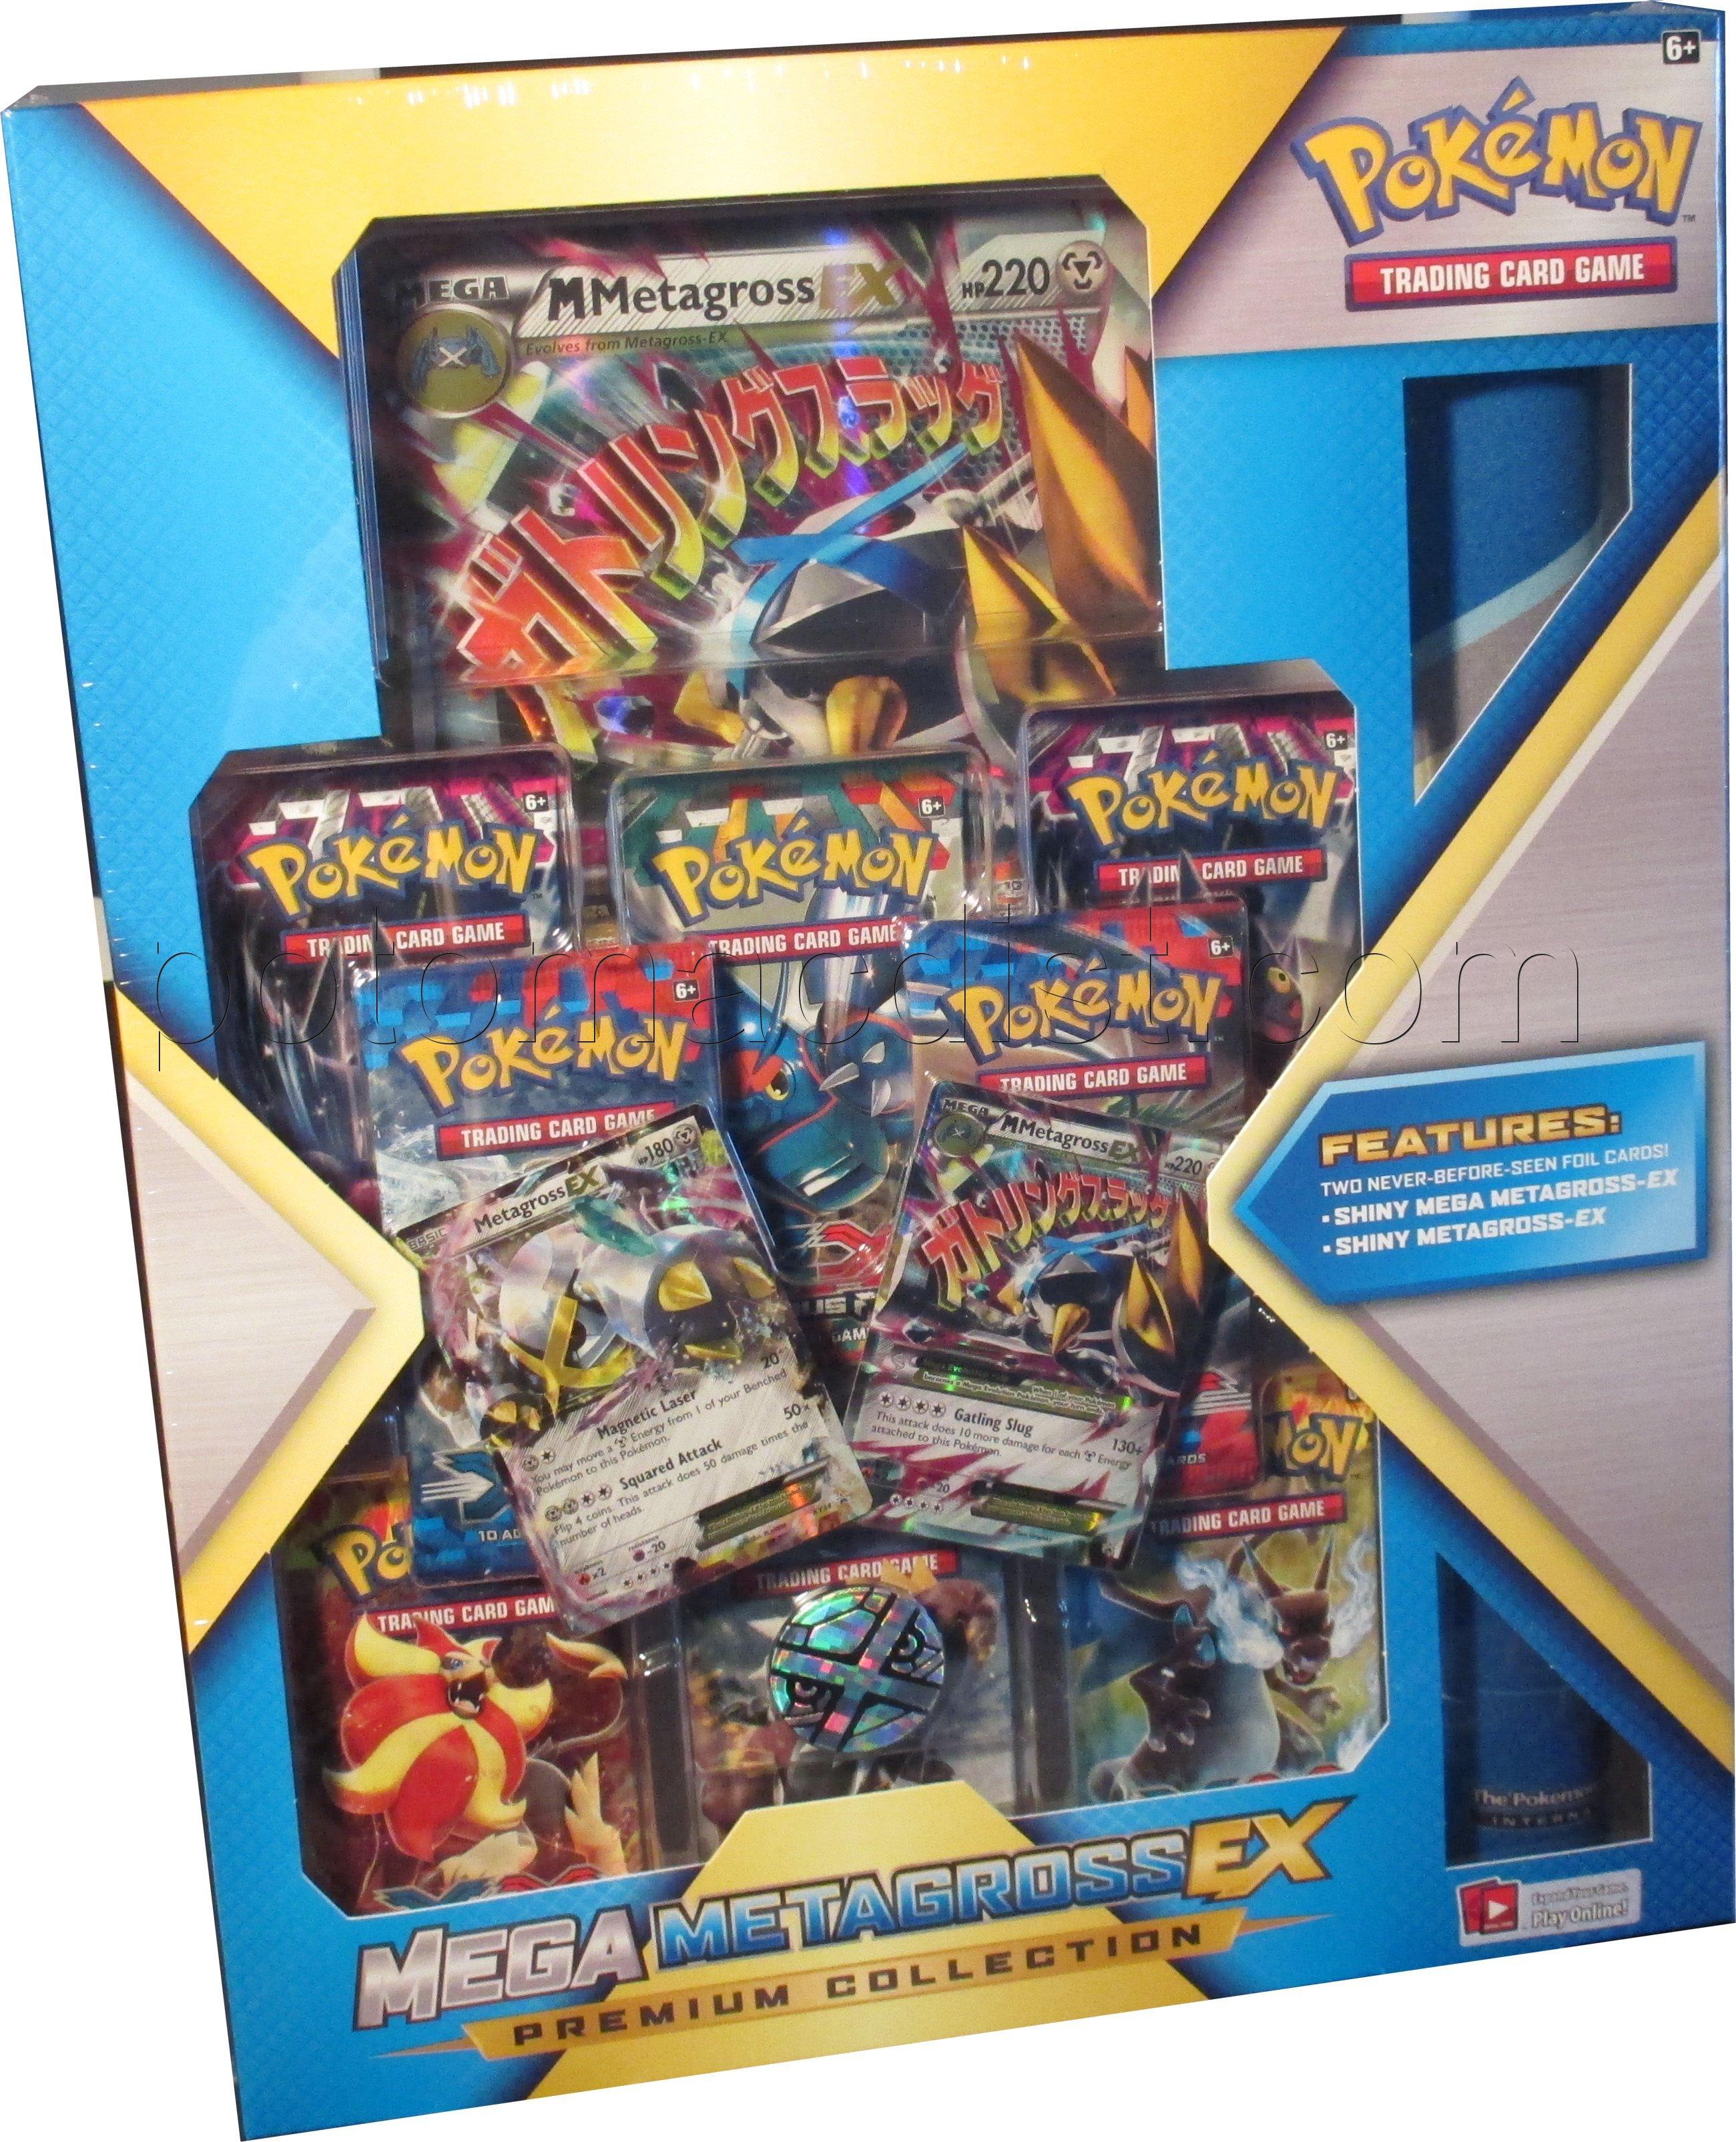 Pokemon Mega Metagross Card Pokemon Mega Metagross Ex Premium Collection